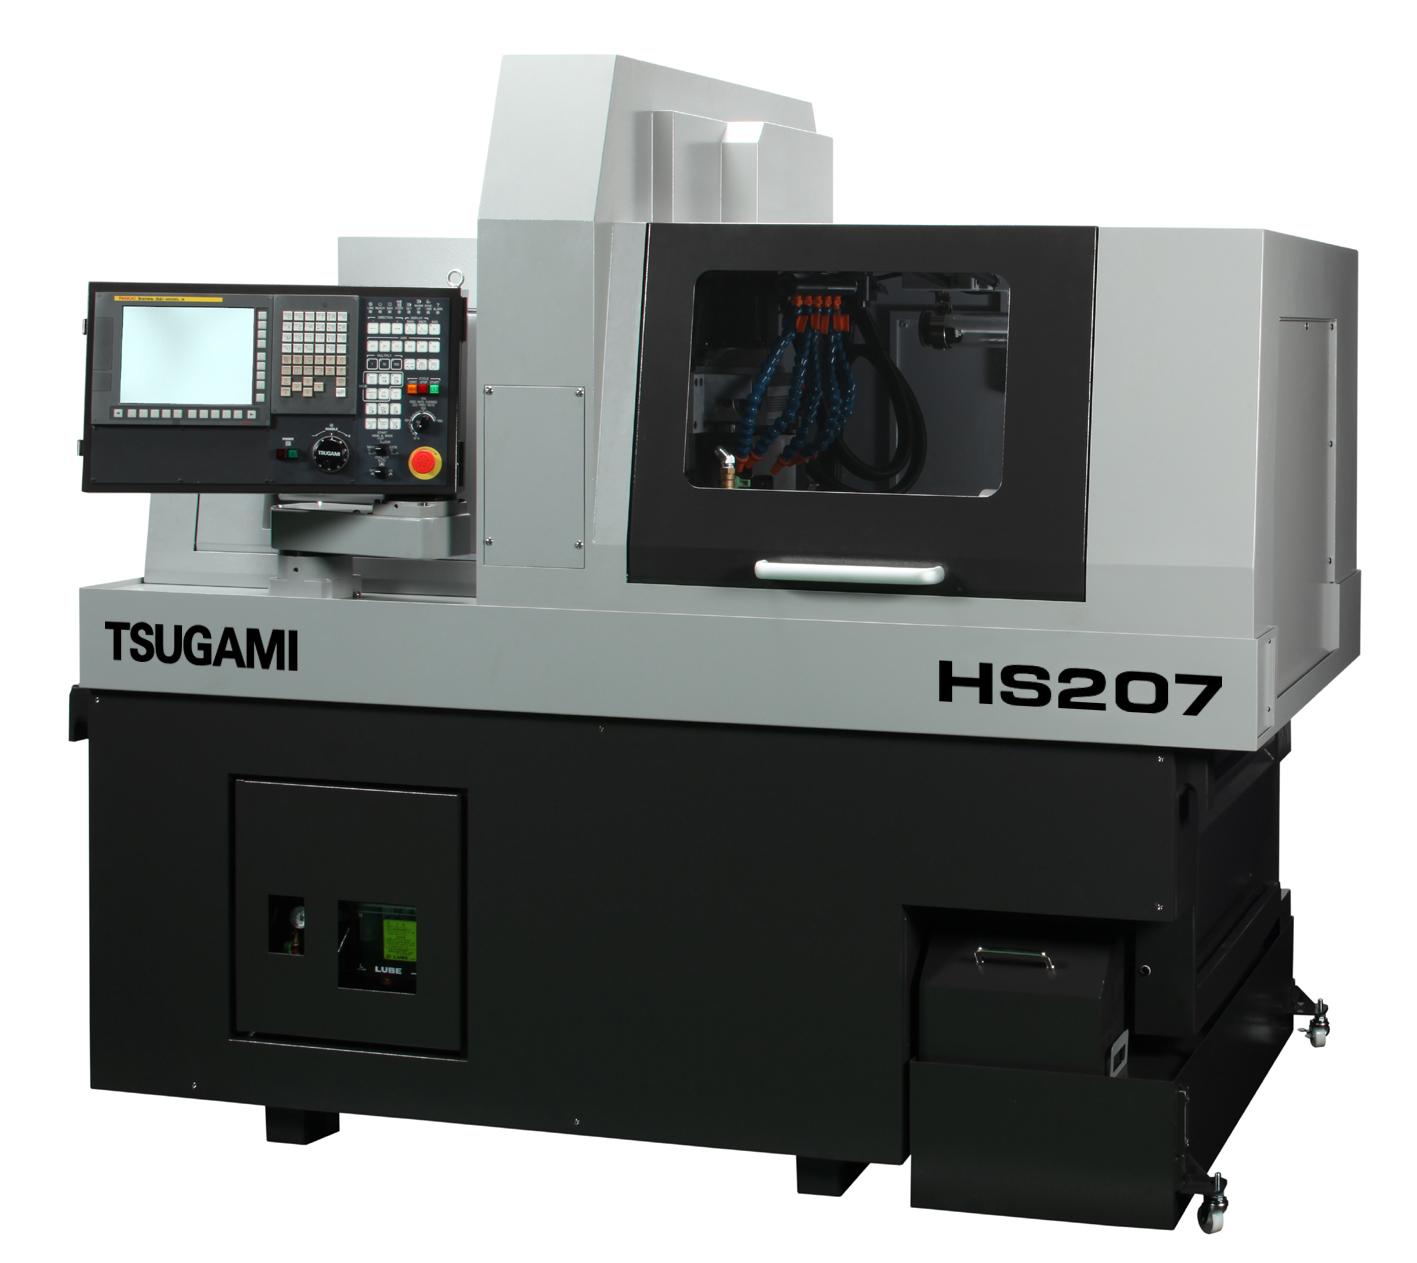 Tsugami HS207/HS207-5AX